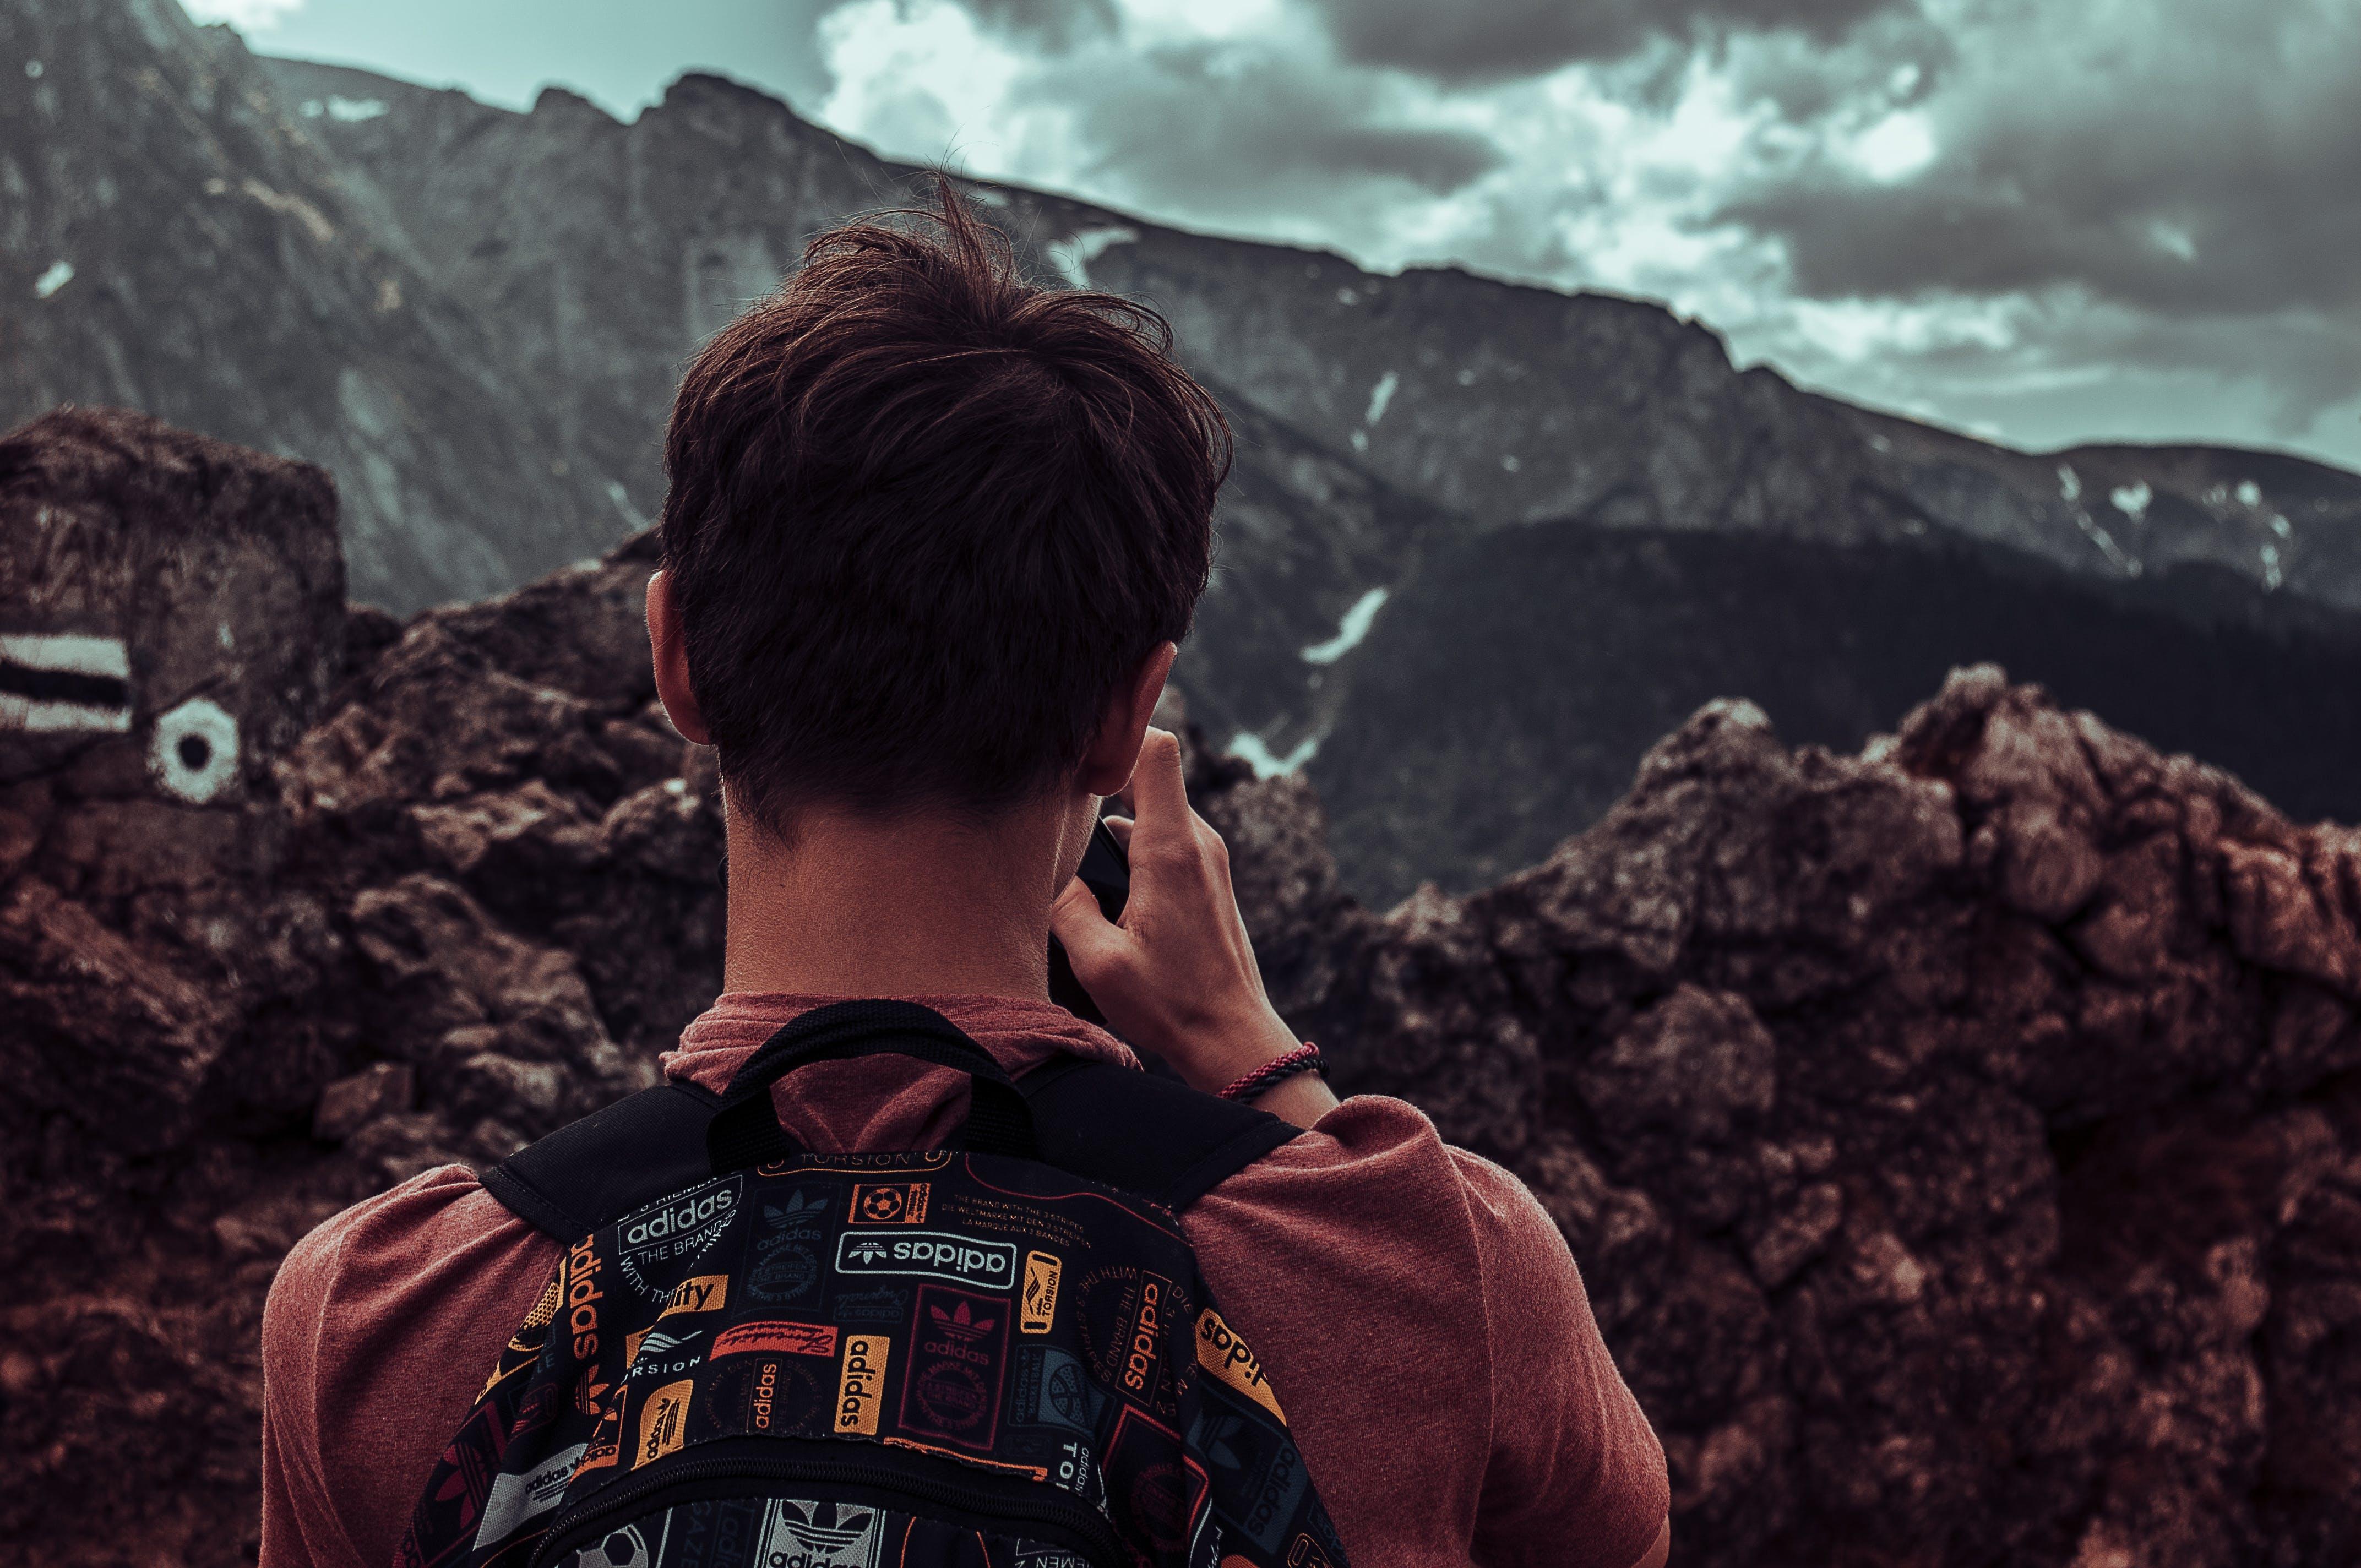 Man Taking Photos Of Mountains